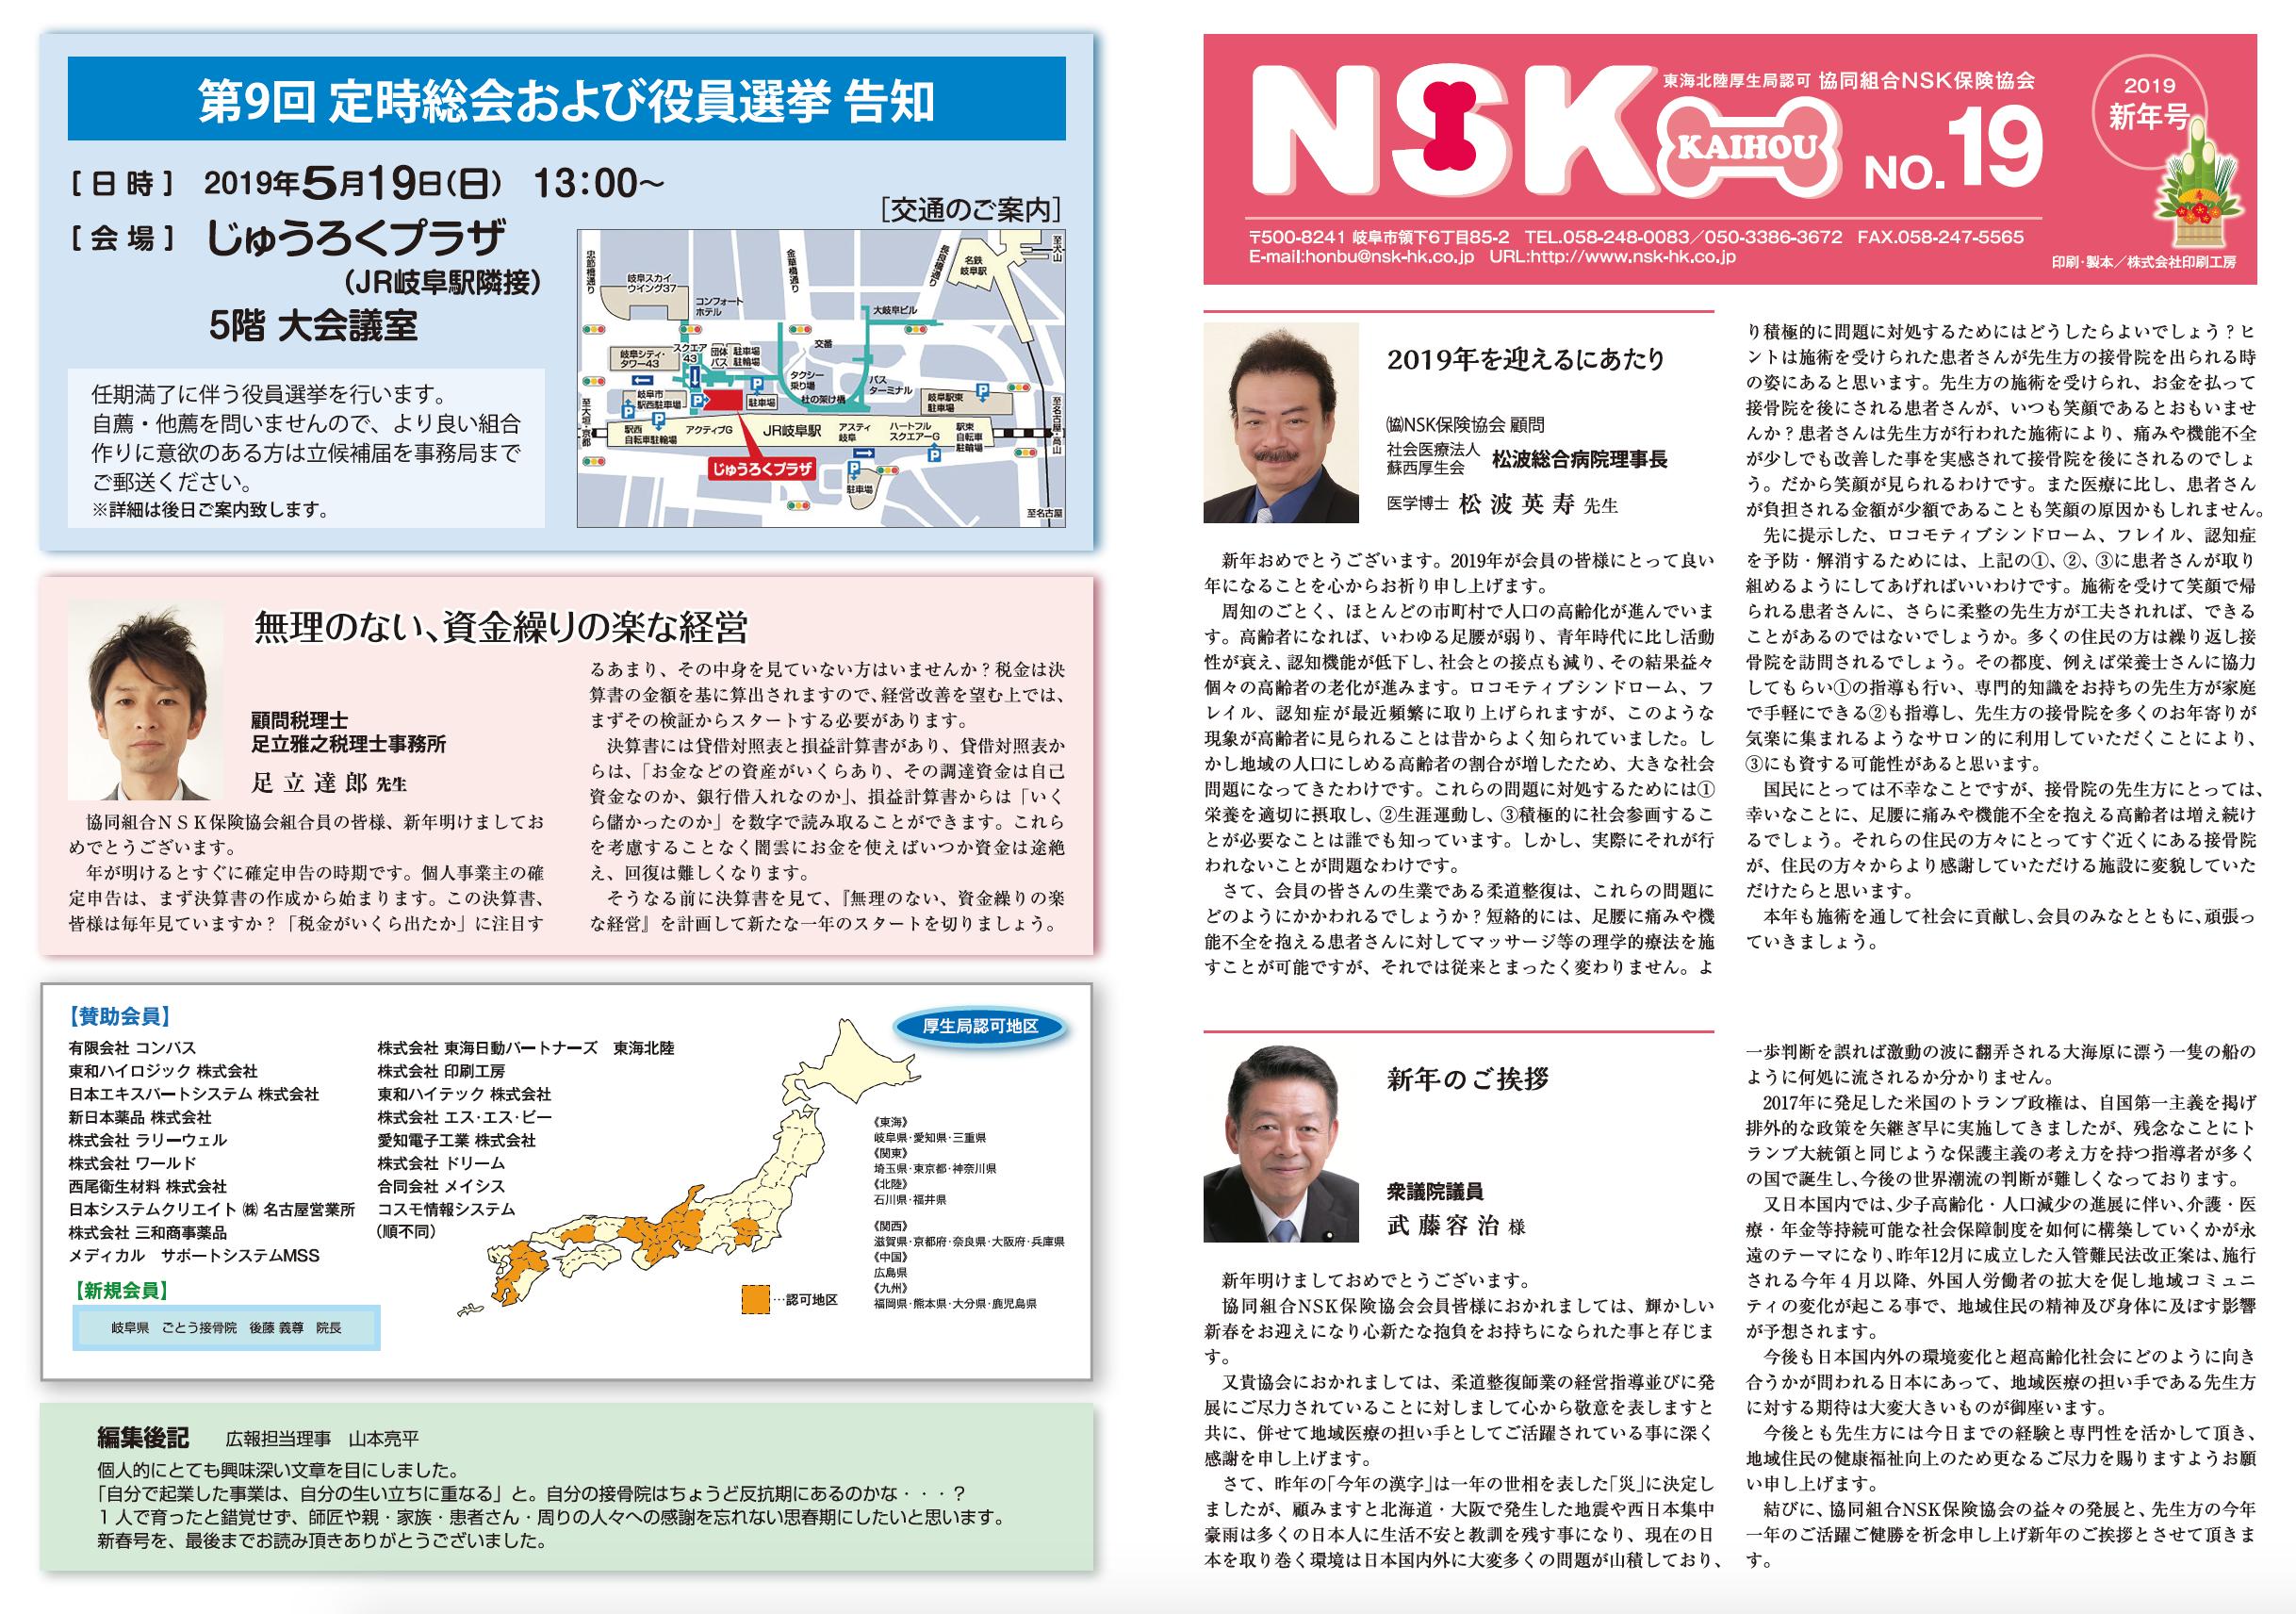 NSK会報 No.19 2019新年号